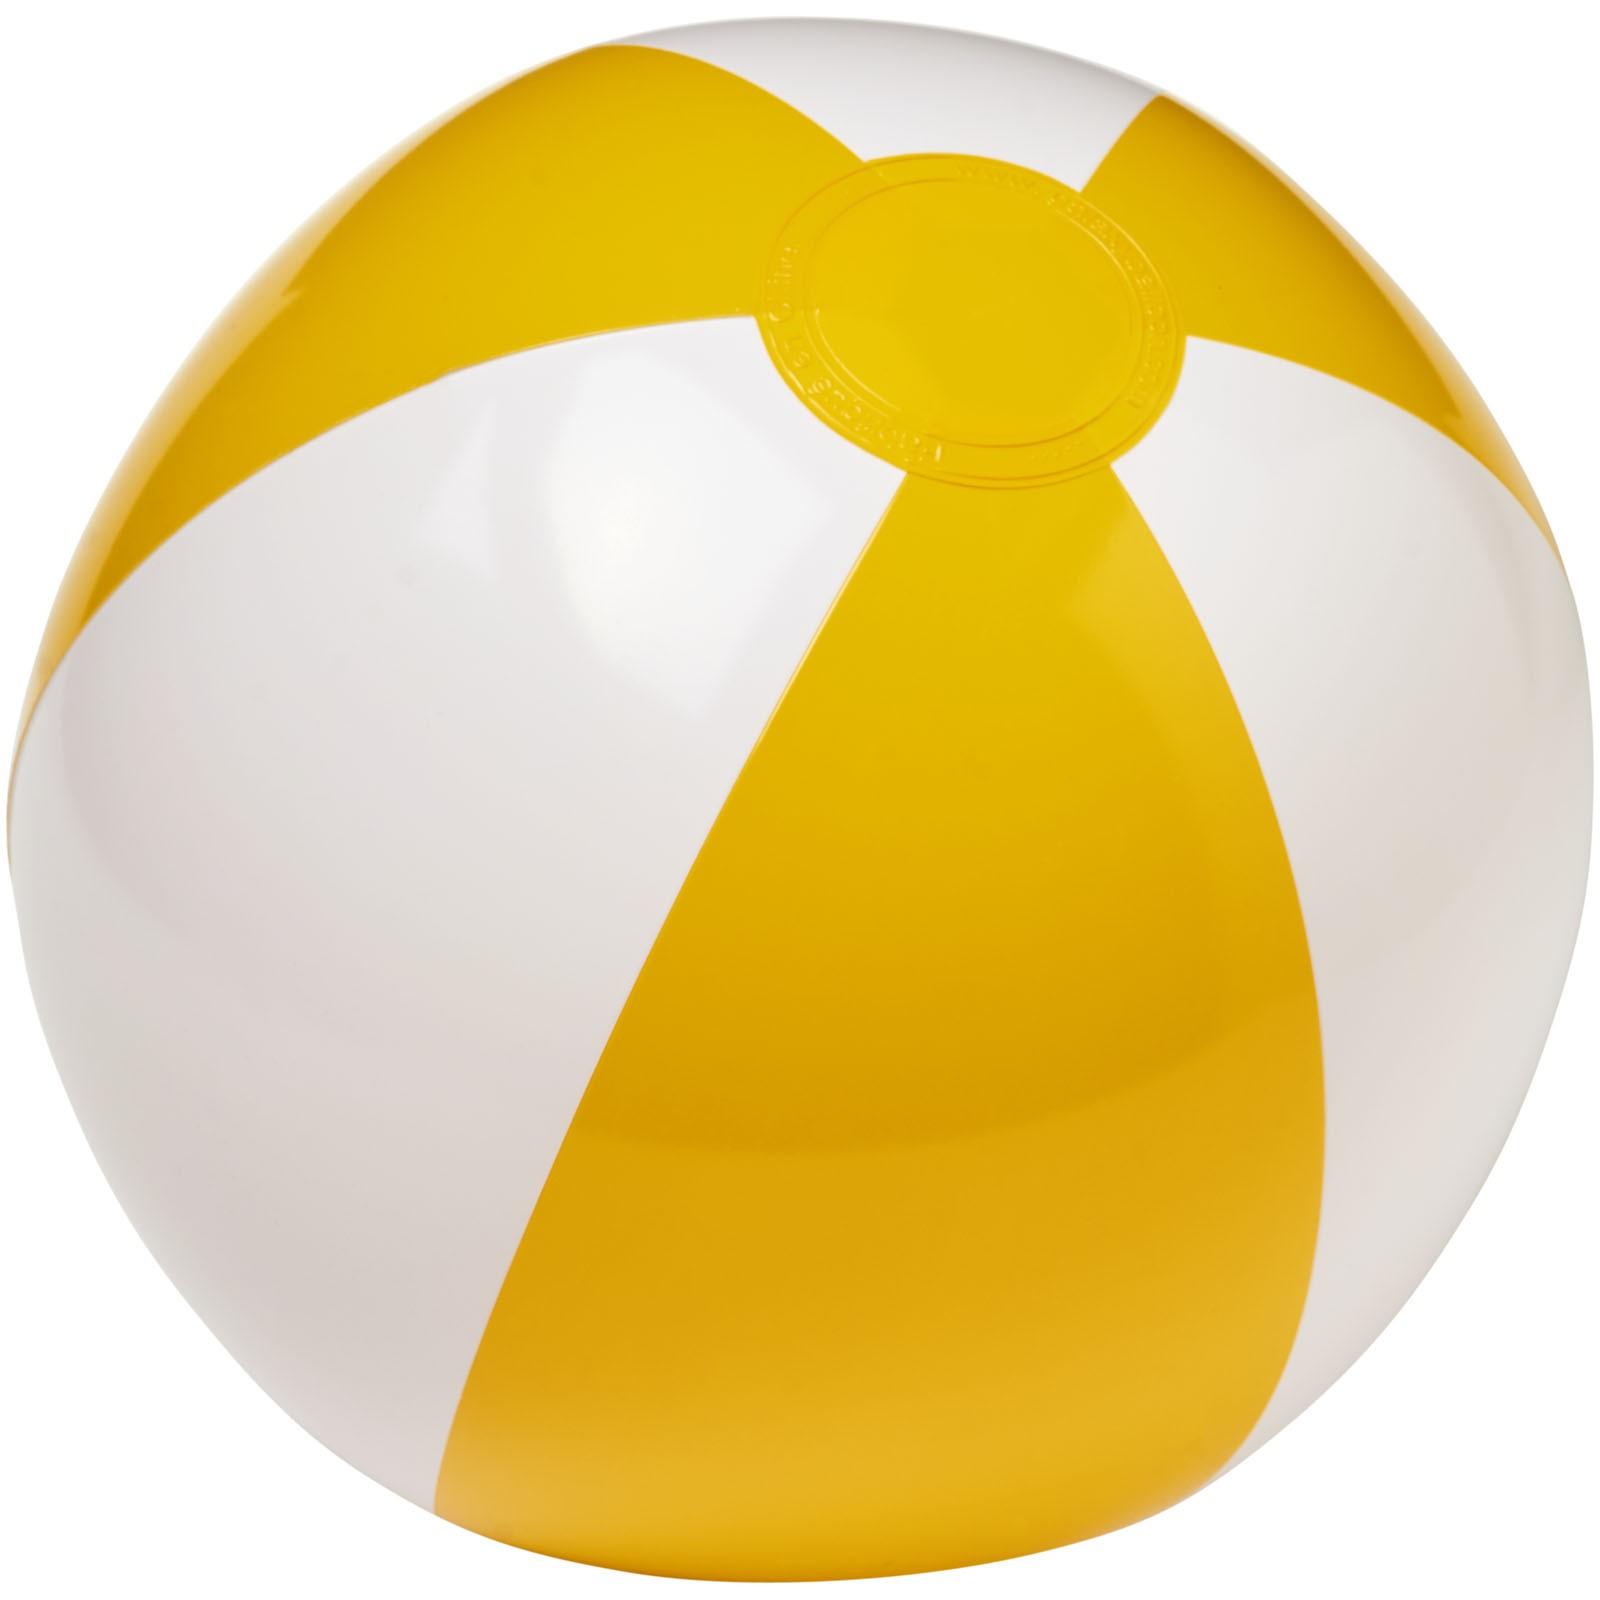 Pevný plážový míč Palma - Žlutá / Bílá